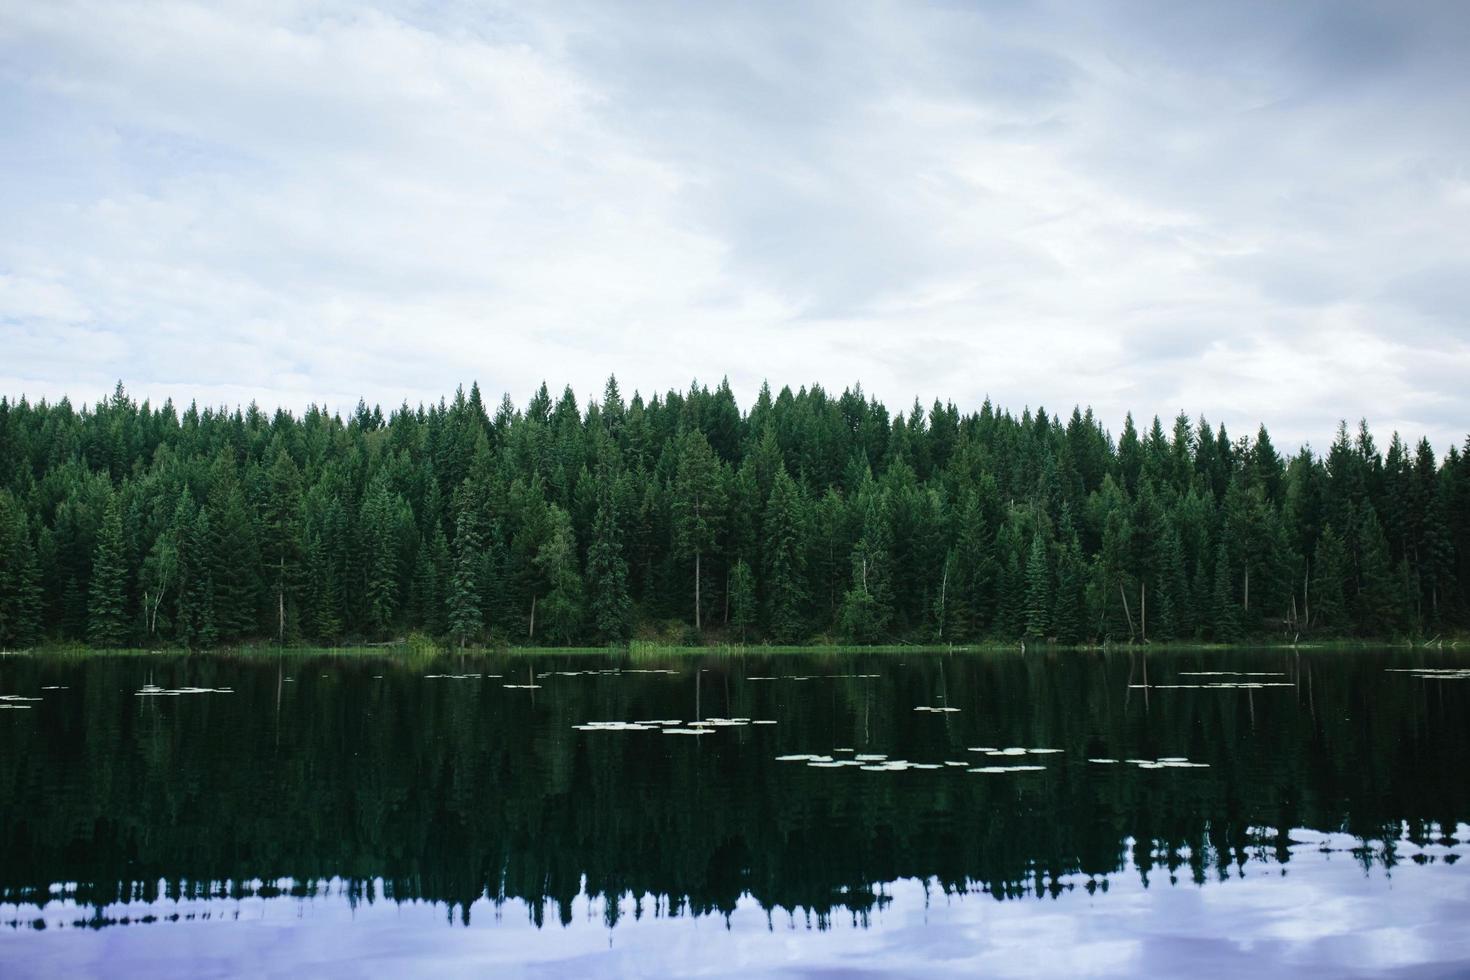 alberi verdi accanto al corpo d'acqua sotto il cielo nuvoloso durante il giorno foto